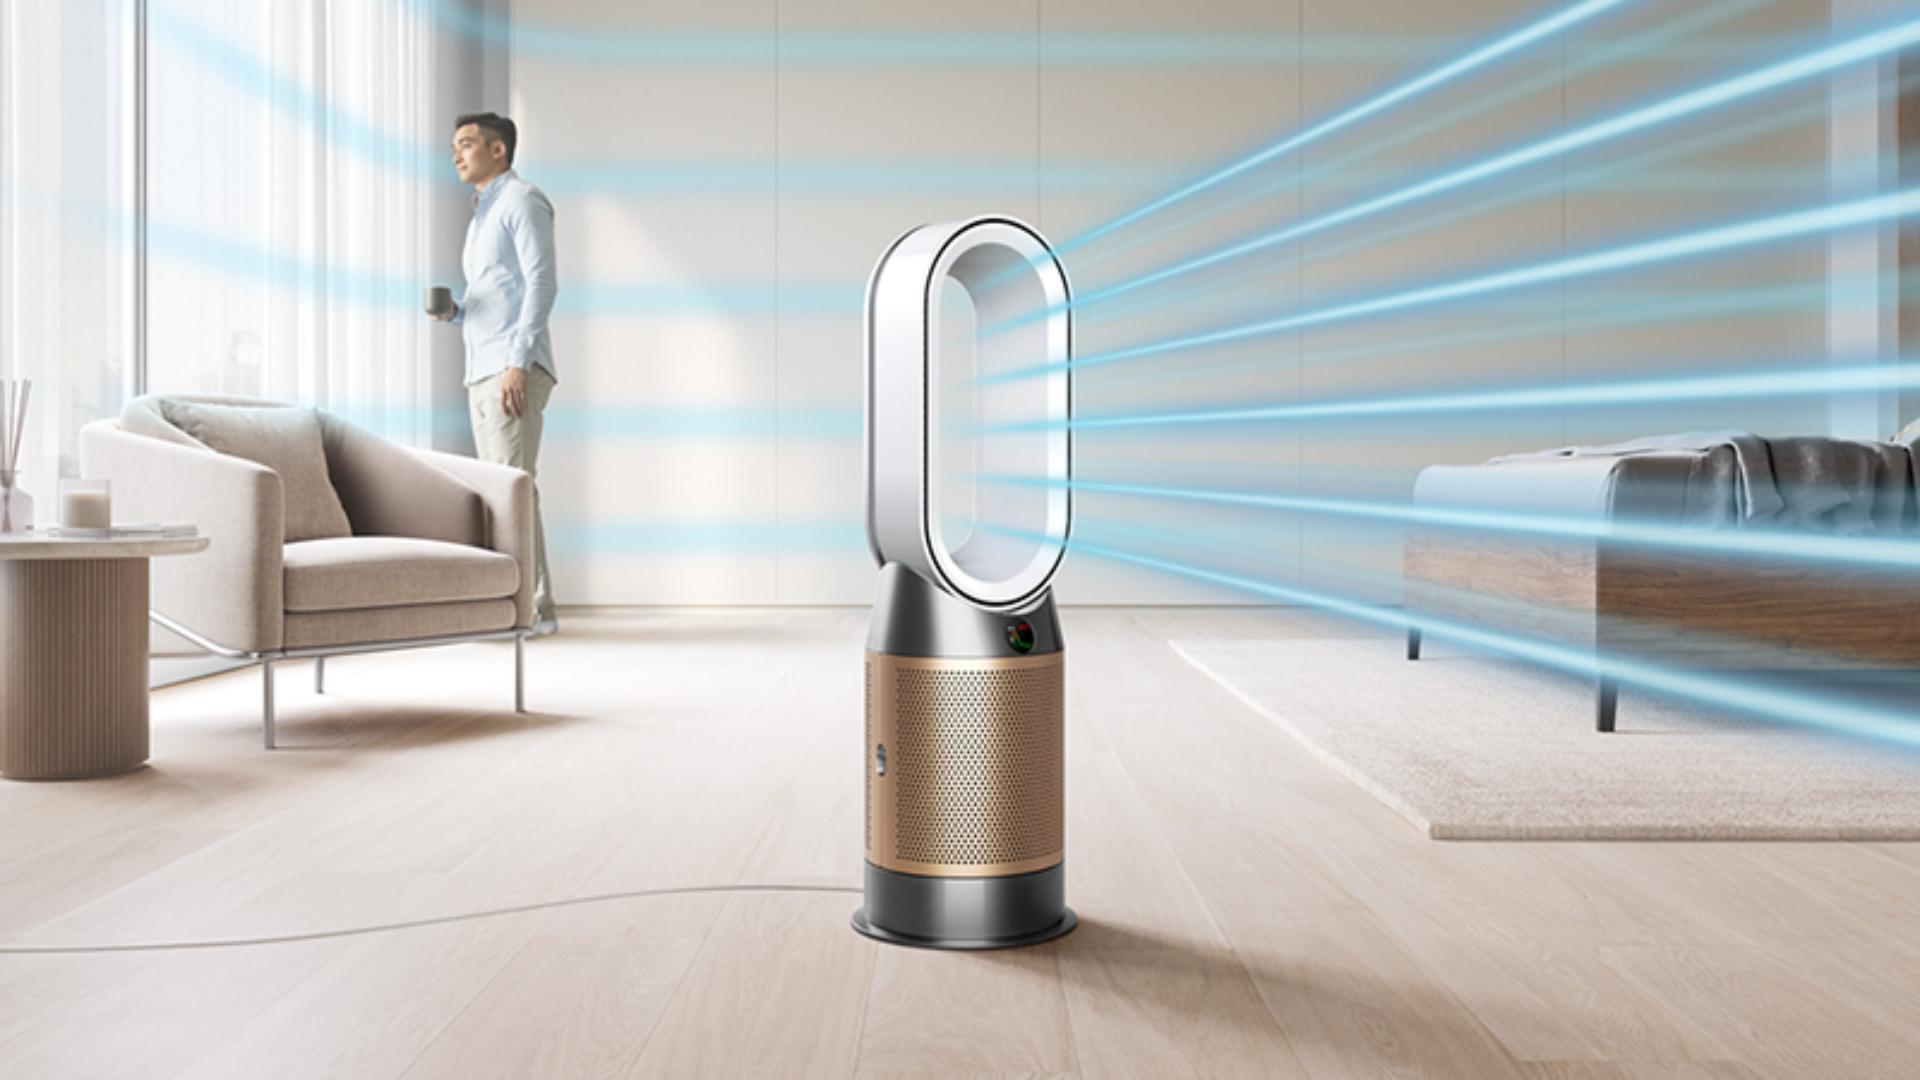 Dyson purifier heater in a bedroom